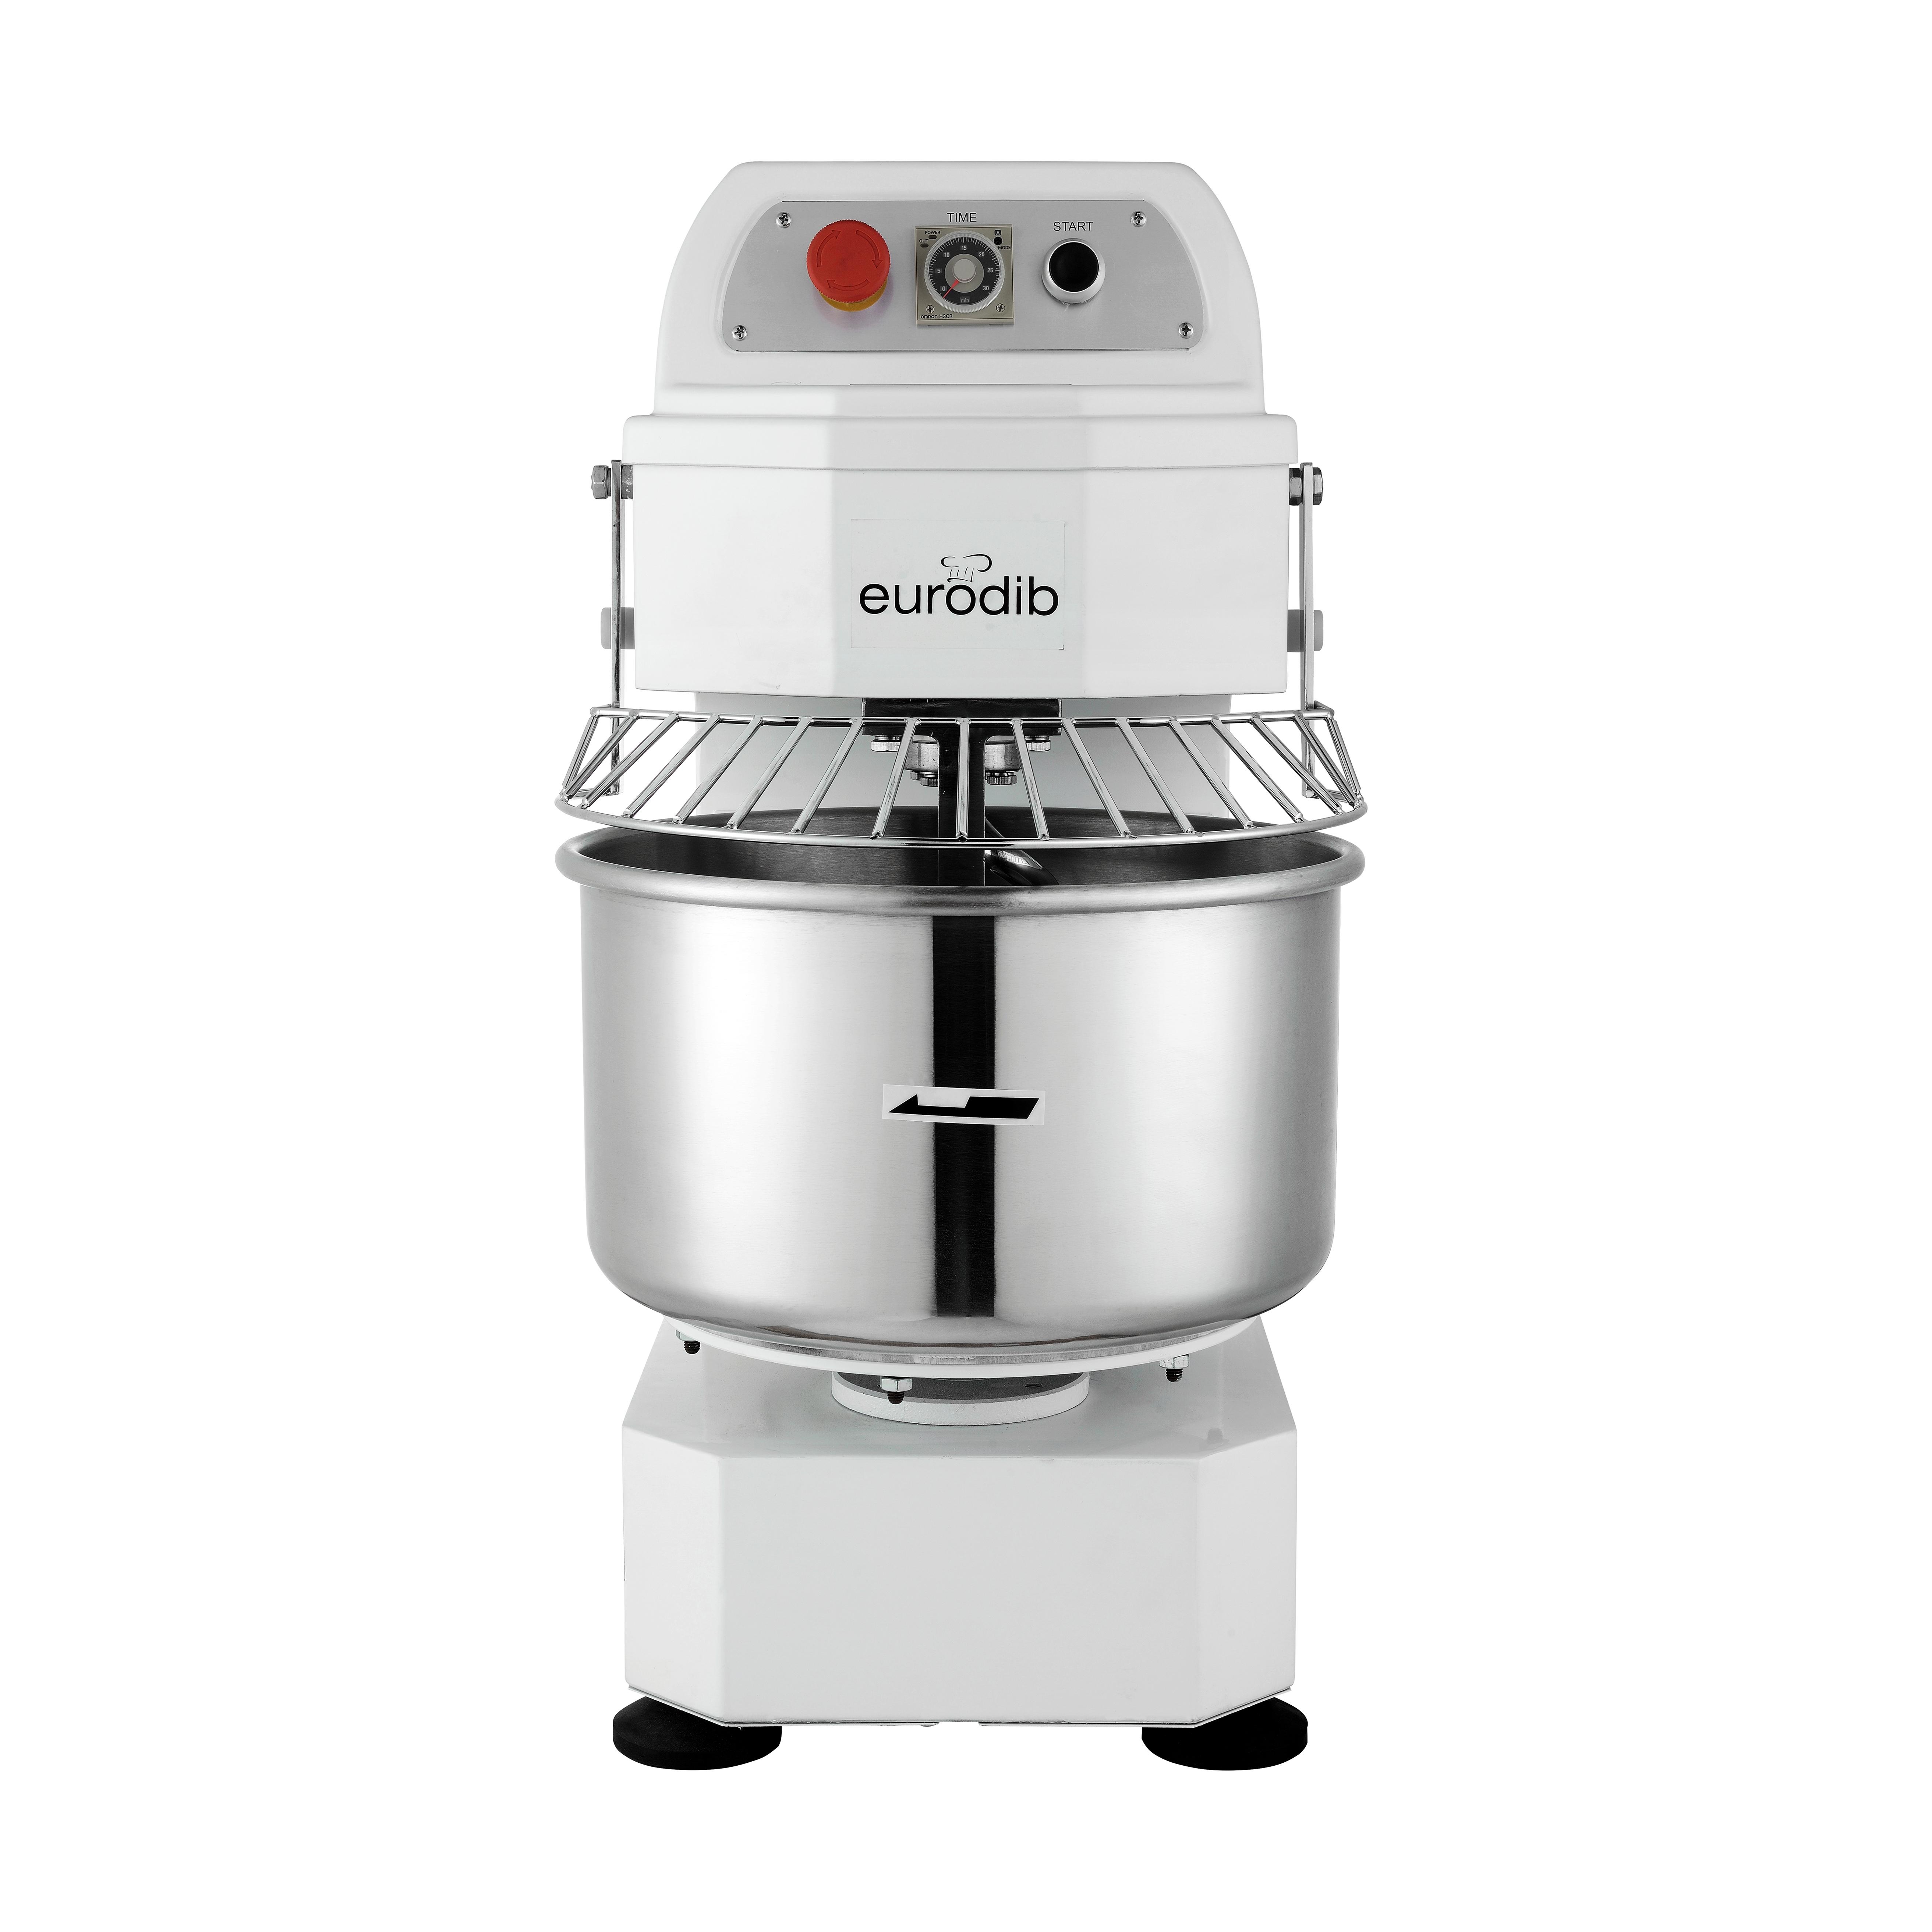 Eurodib USA LM20T mixer, spiral dough